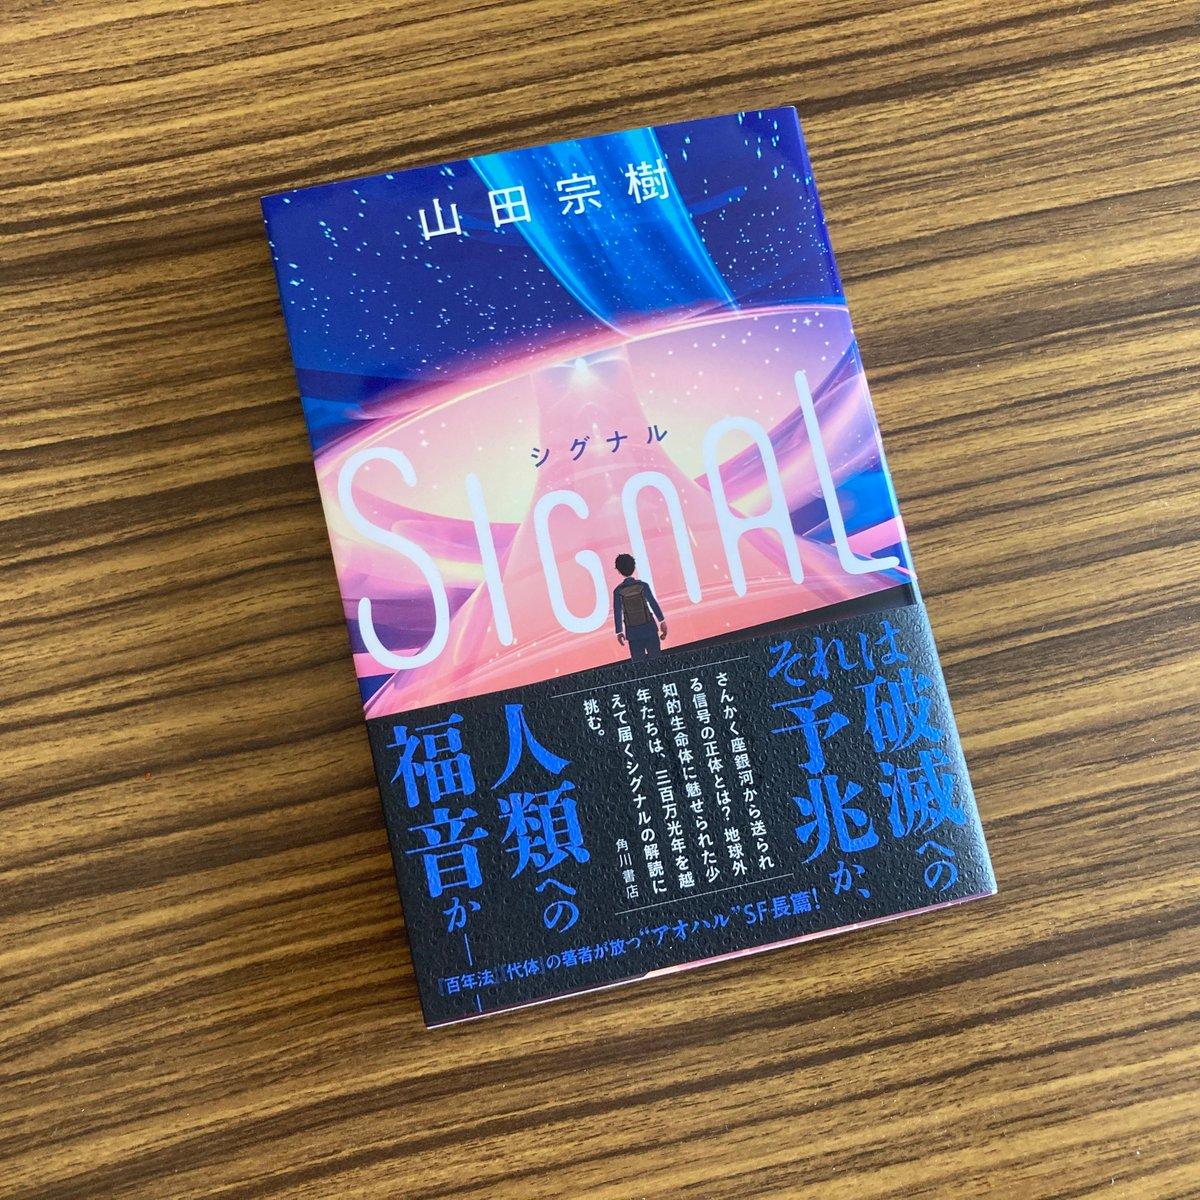 中国の大ヒット小説『三体』っぽい雰囲気のあるSF小説📖 好奇心旺盛な中学二年生の主人公と、変人で天才の高等部の先輩+ピンチになったら助けてくれるイケメン先輩による青春小説としても読むことができます😀 #読了【SIGNAL シグナル/山田宗樹】